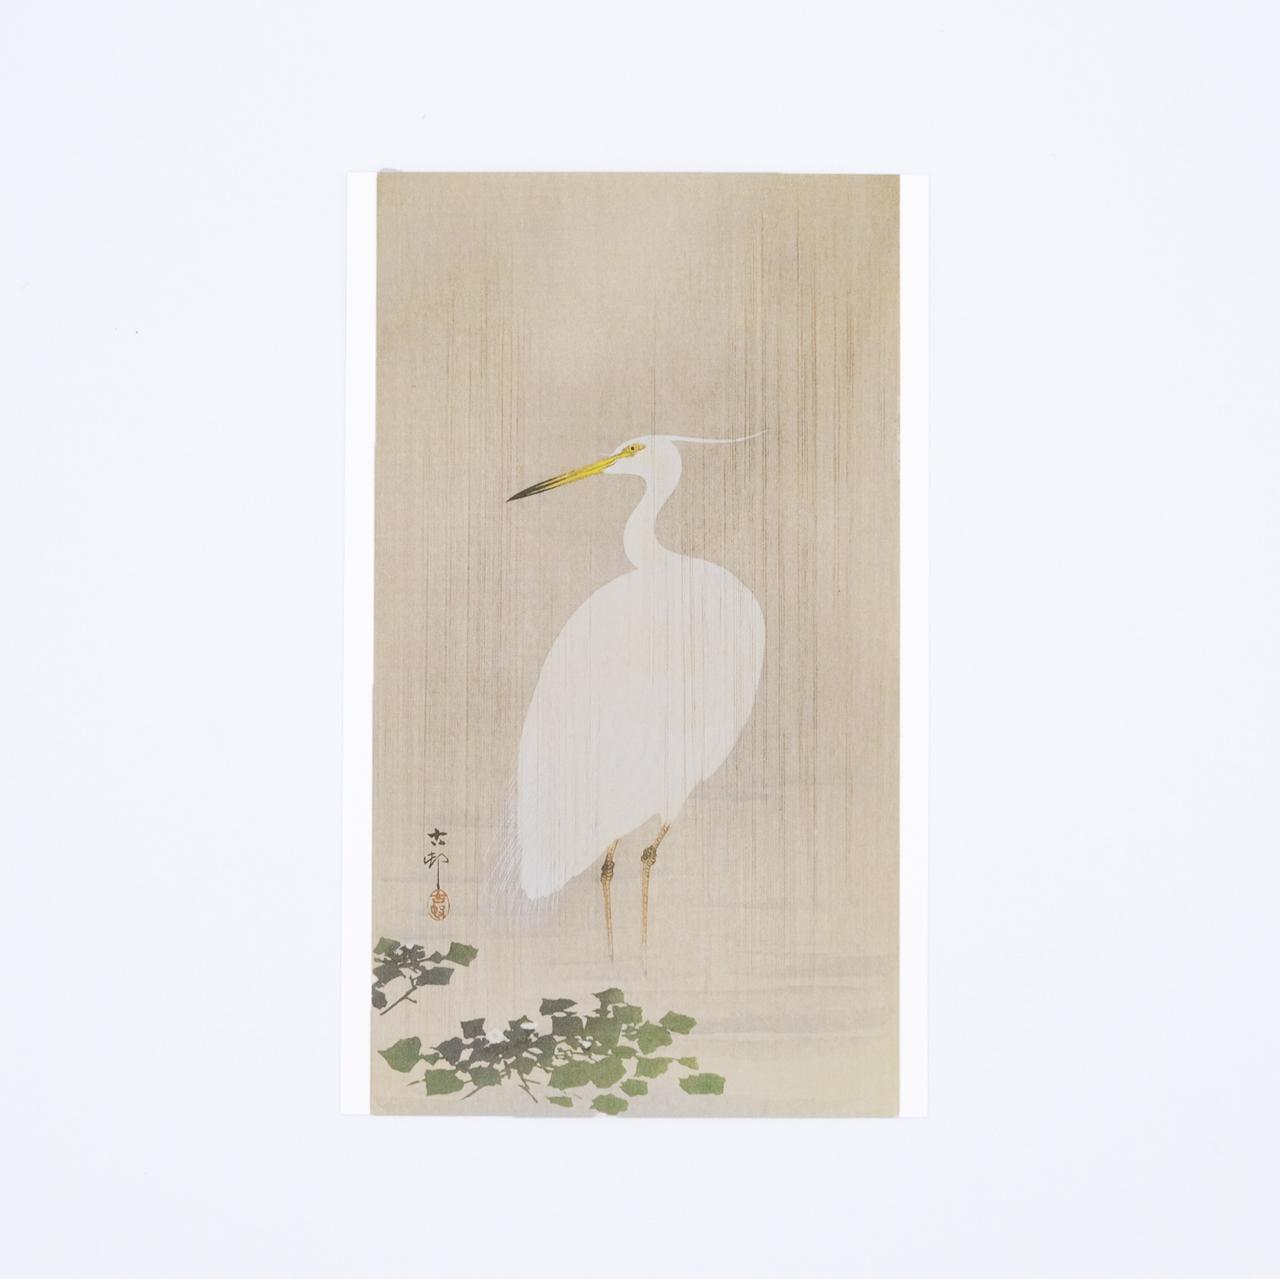 小原古邨ポストカード 雨中の小鷺